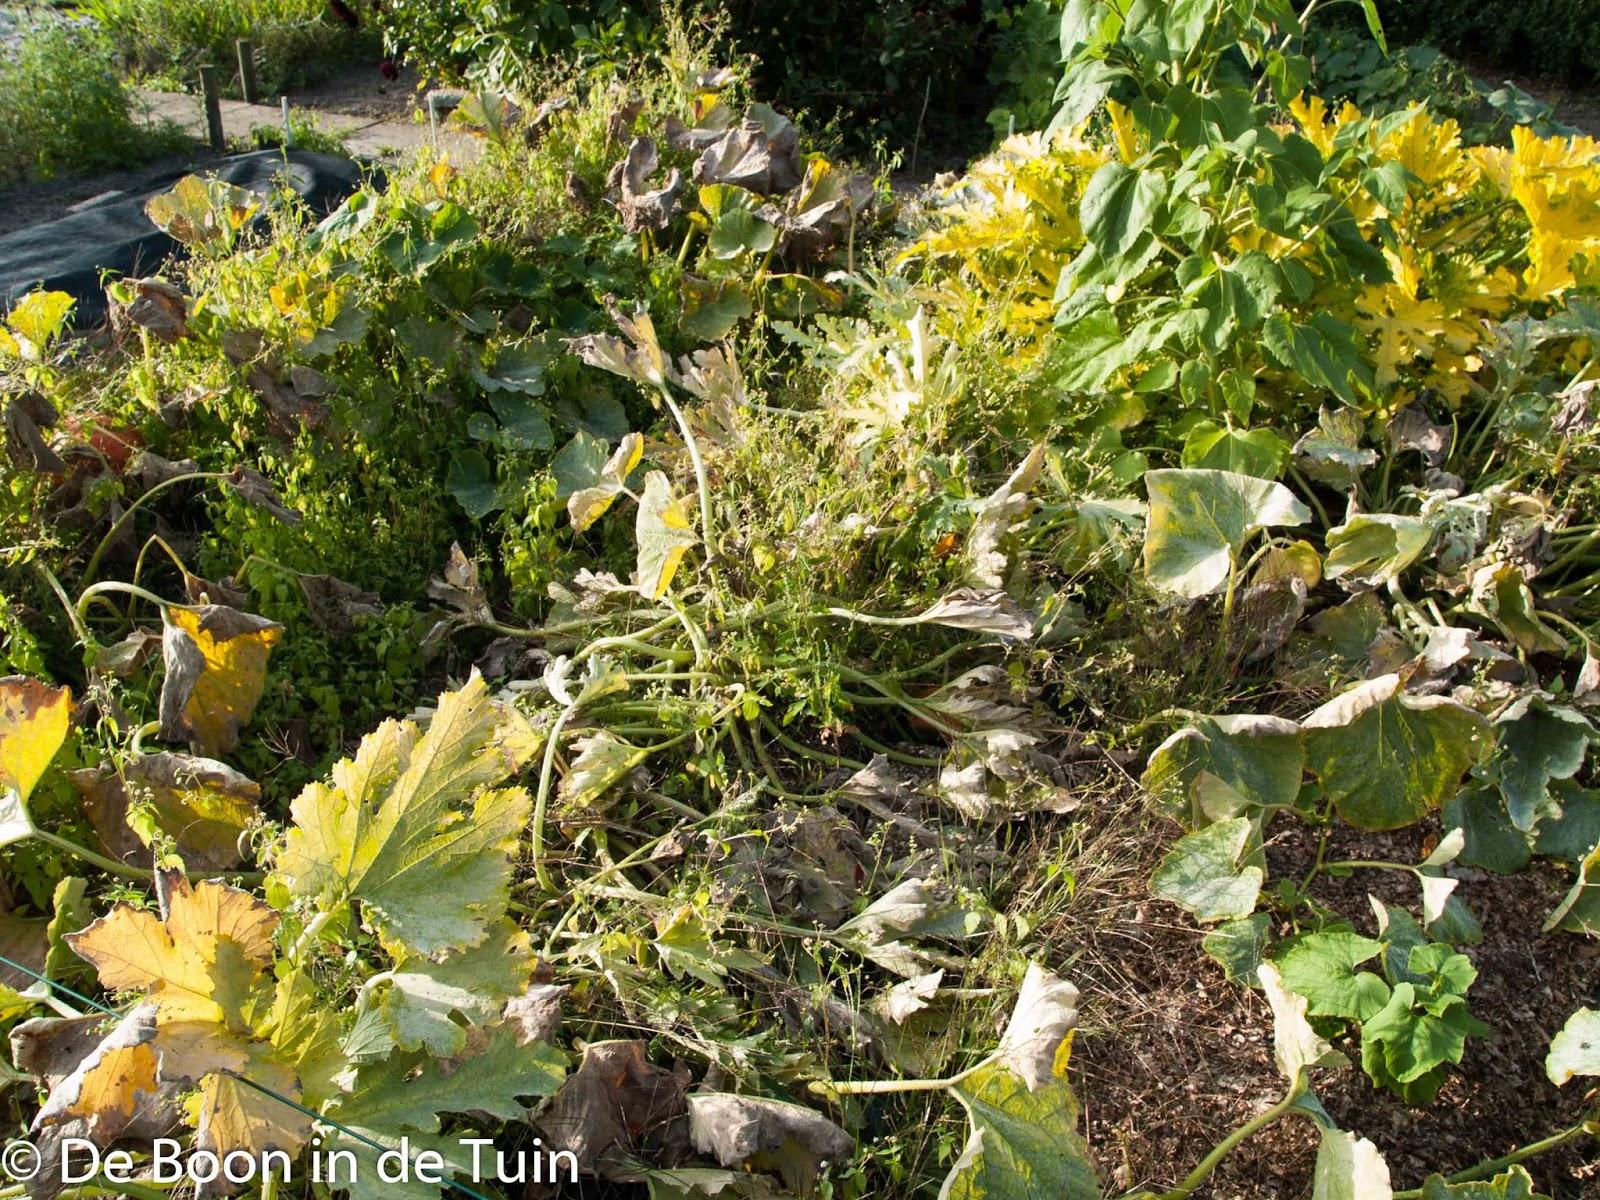 pompoenen courgette herfst augustus september moestuin volkstuin